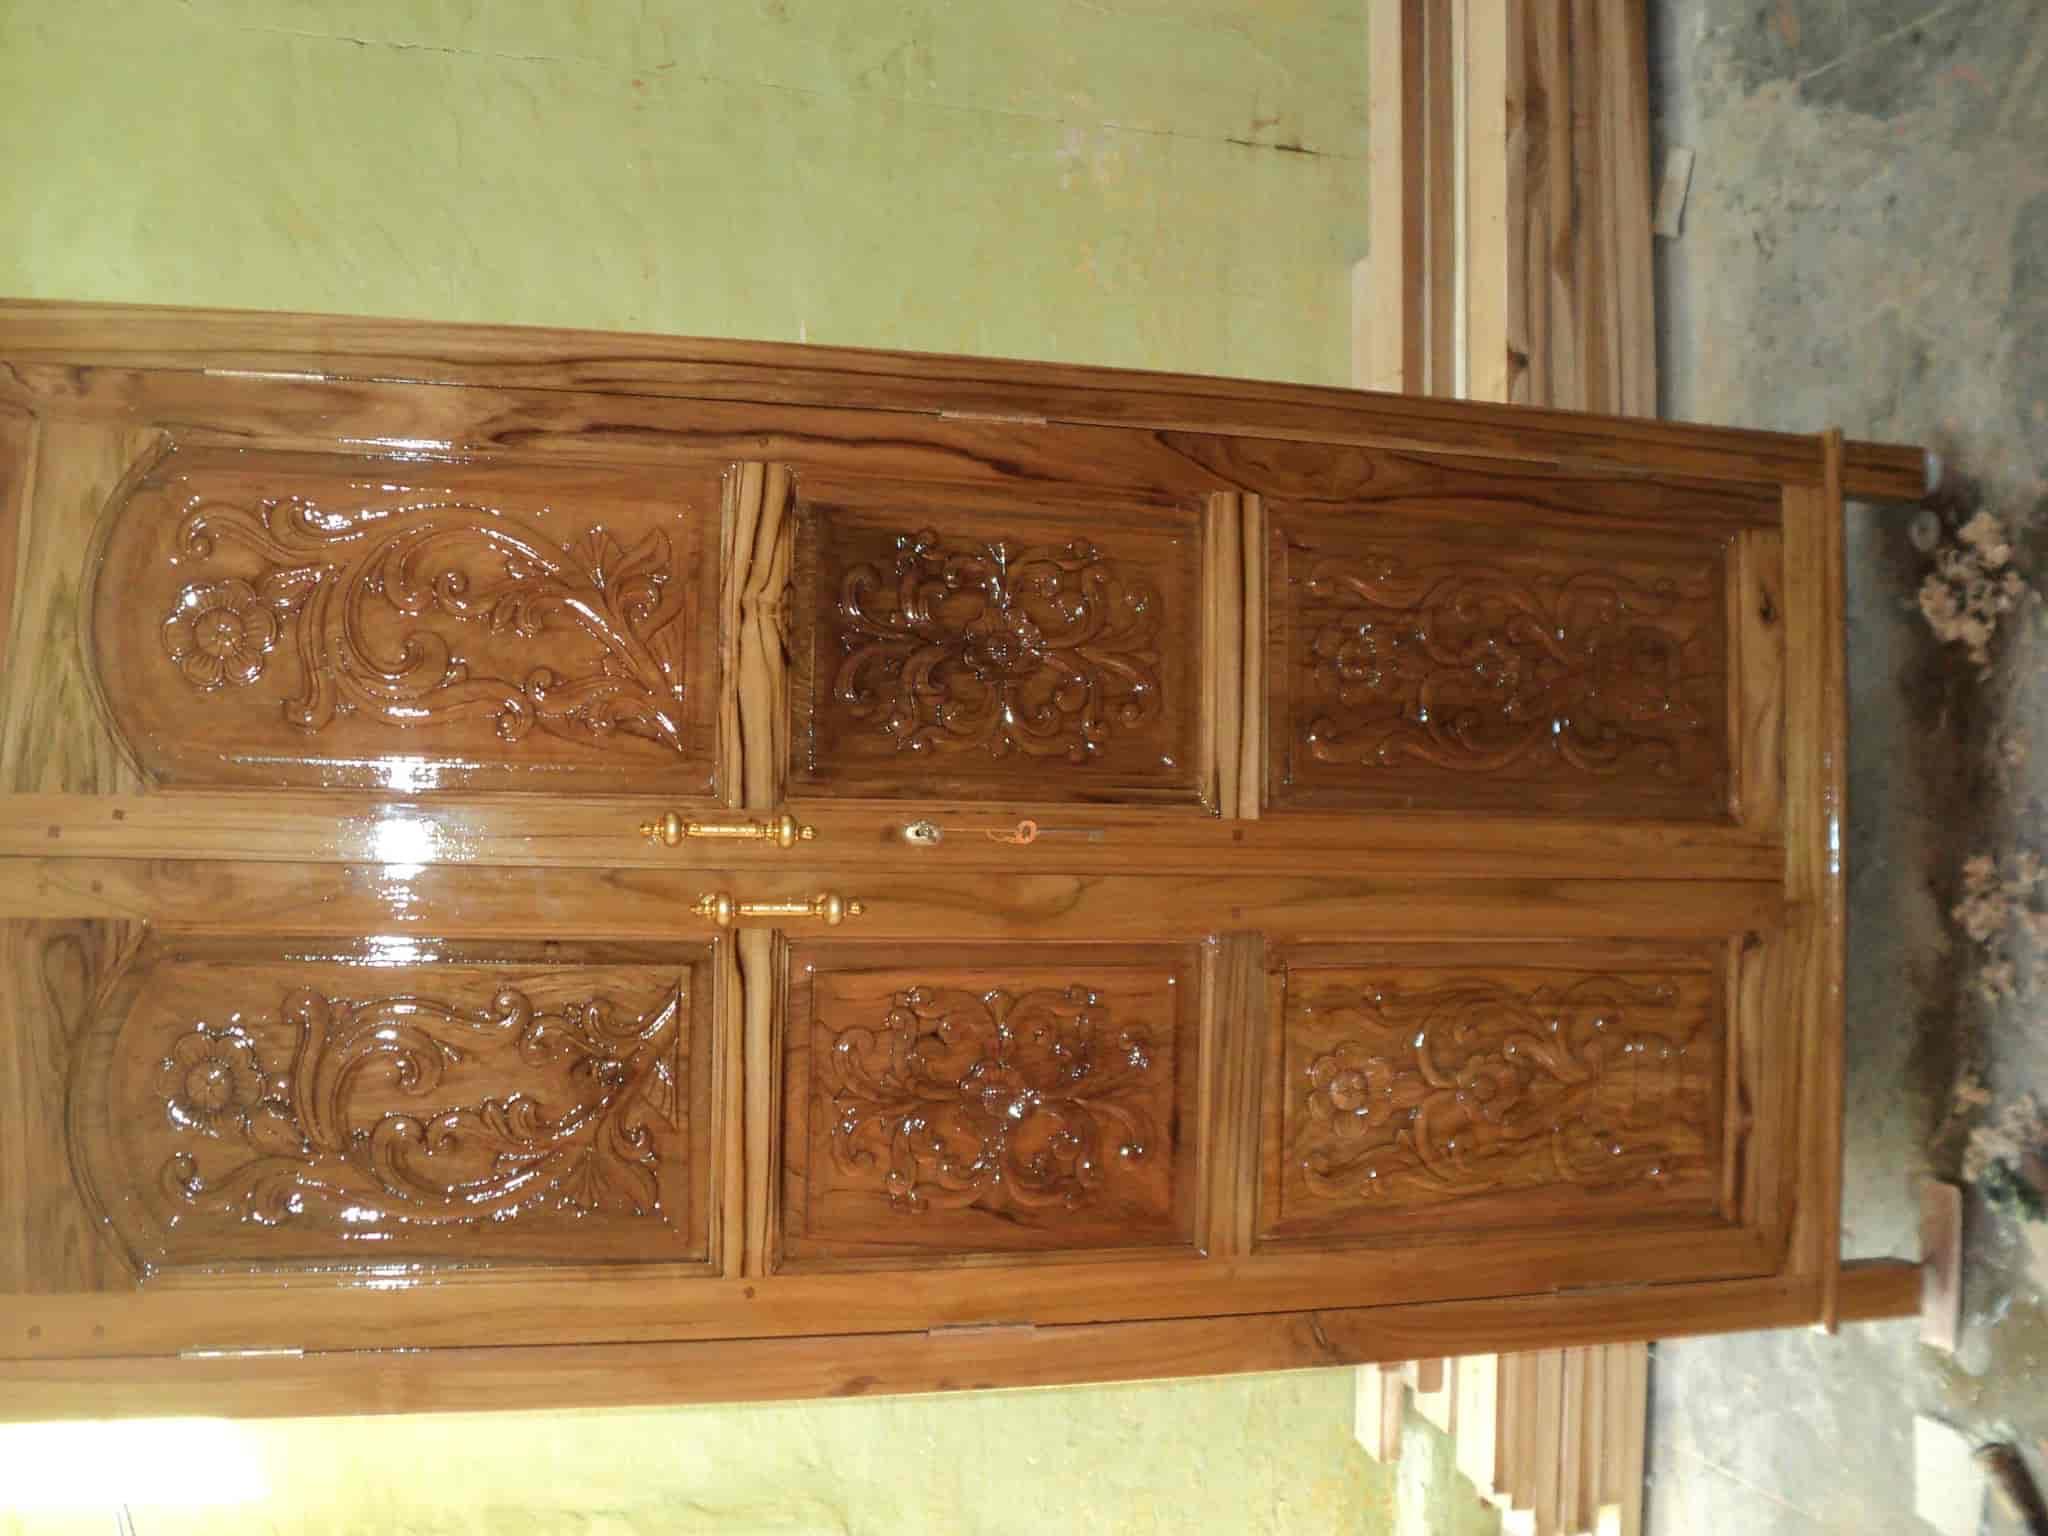 Rani wood furniture palakarai raani wood furniture furniture manufacturers in trichy justdial